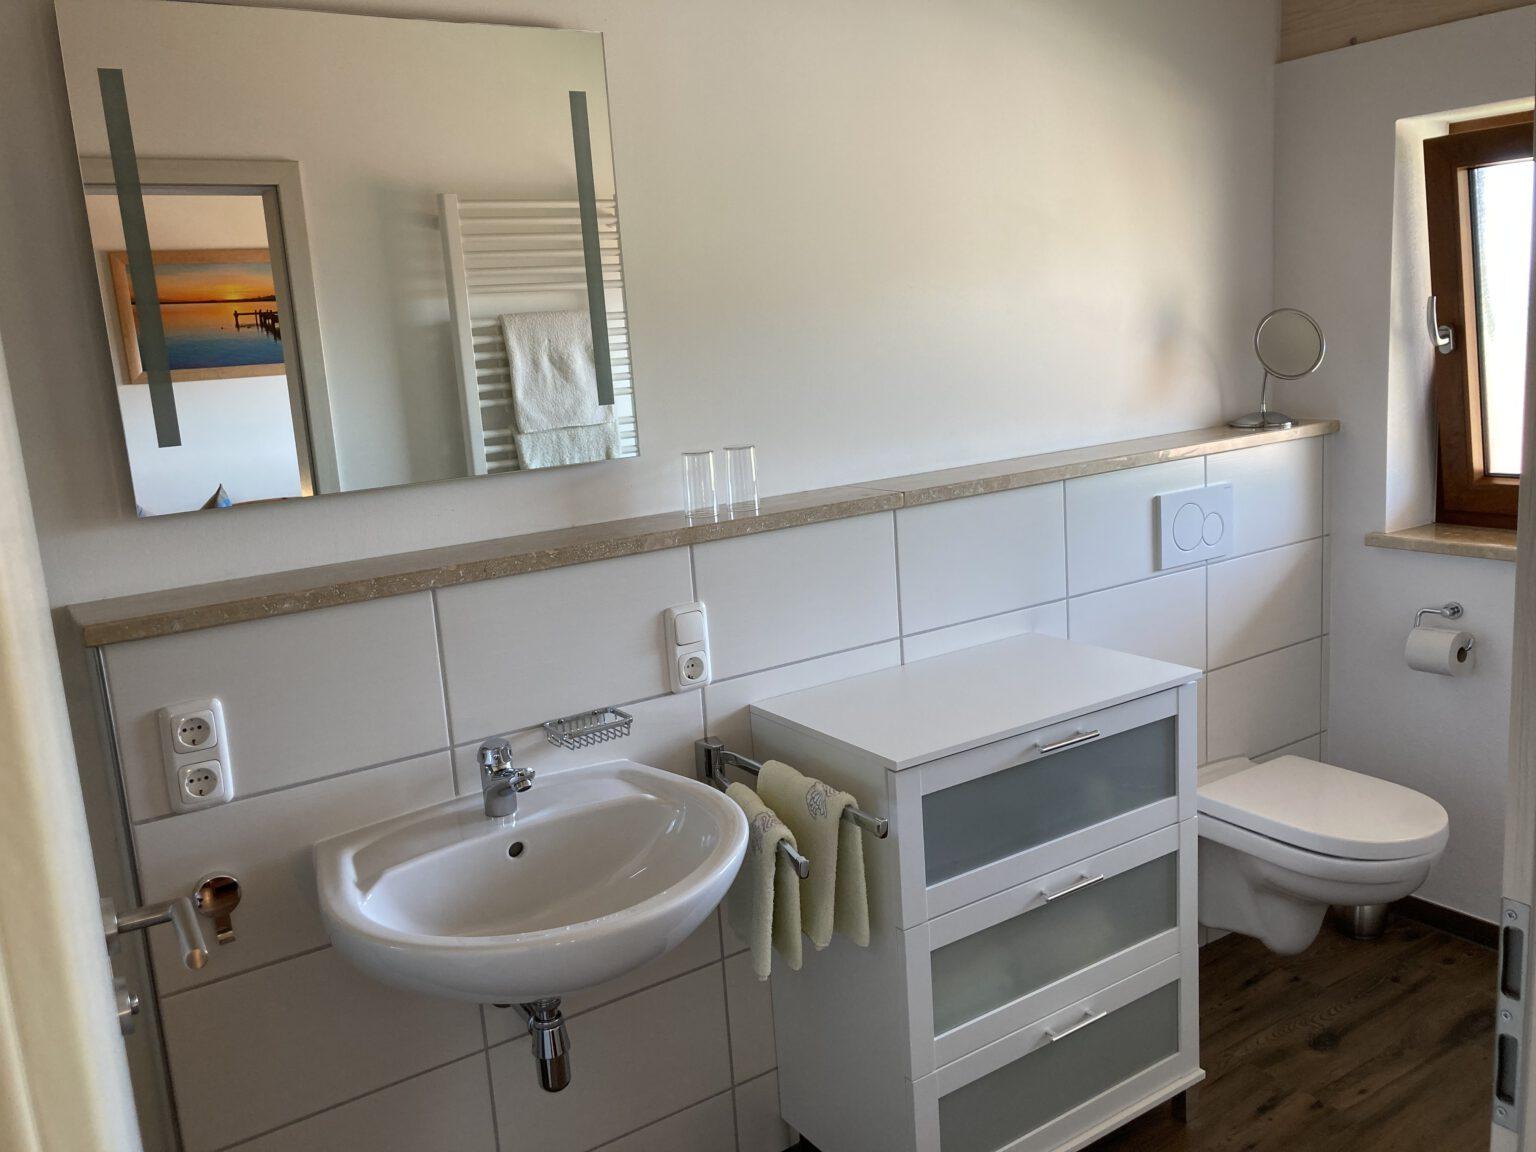 Bad mit Waschbecken und Fenster, Ferienwohnungen Sankt Englmar